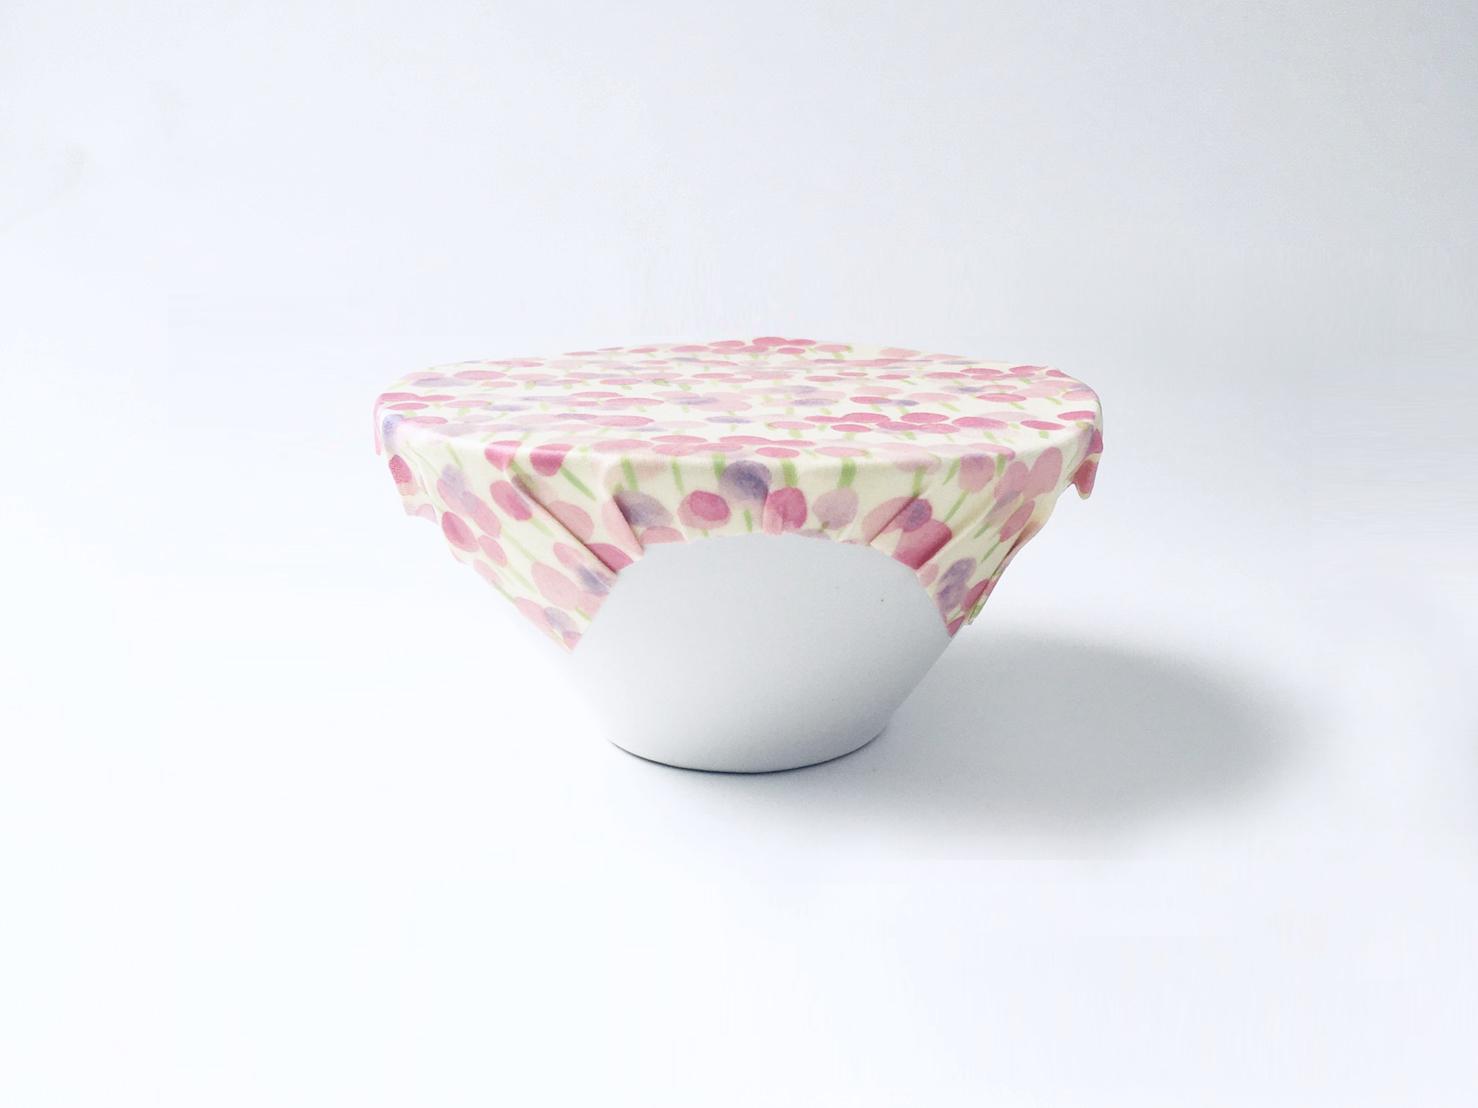 tsu tsu mi / S  18cm / cotton flower